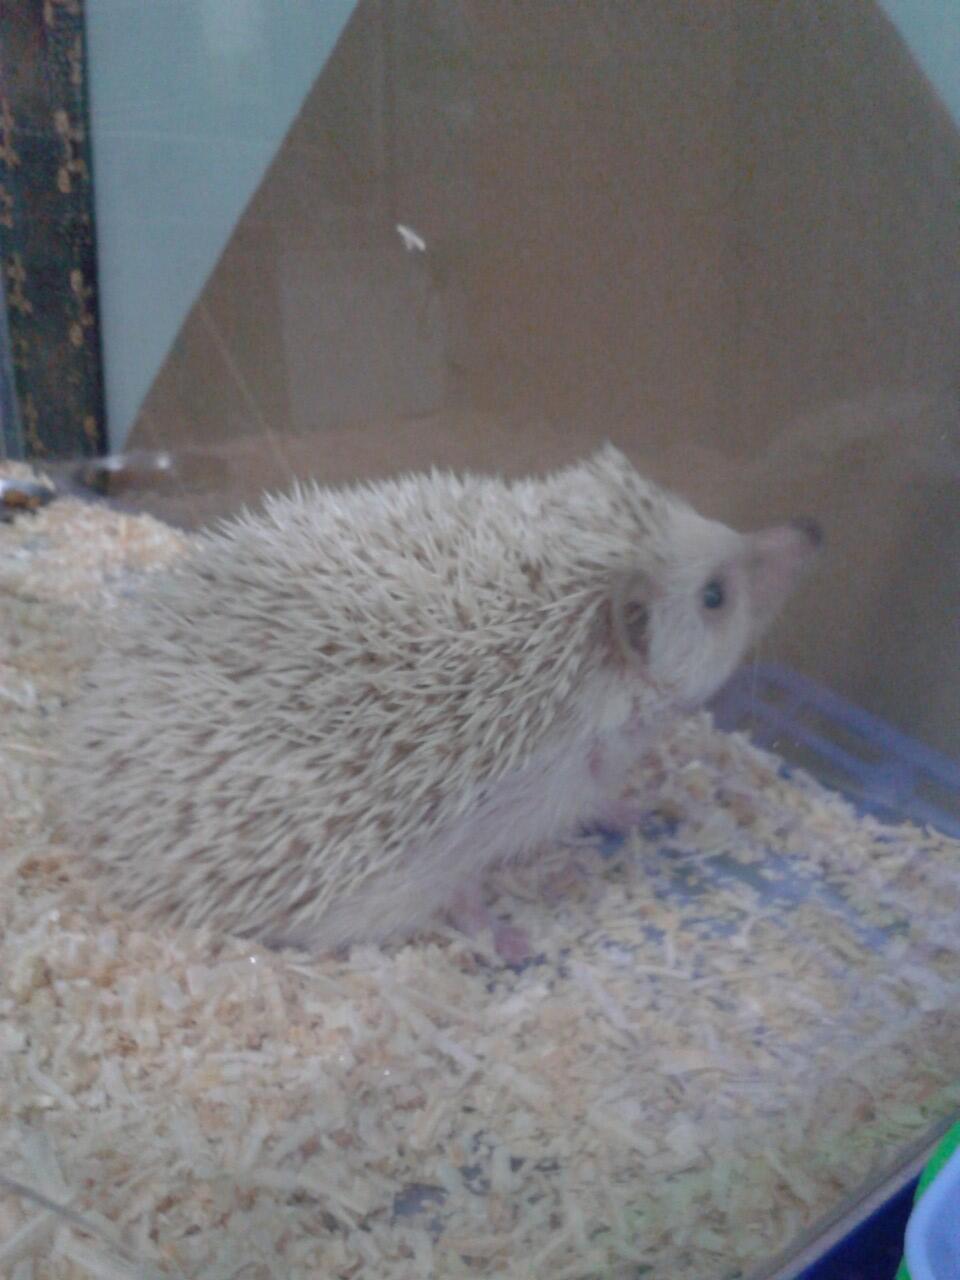 WTS Landak mini (hedgehog) brown white jantan bekasi !(COD ONLY)